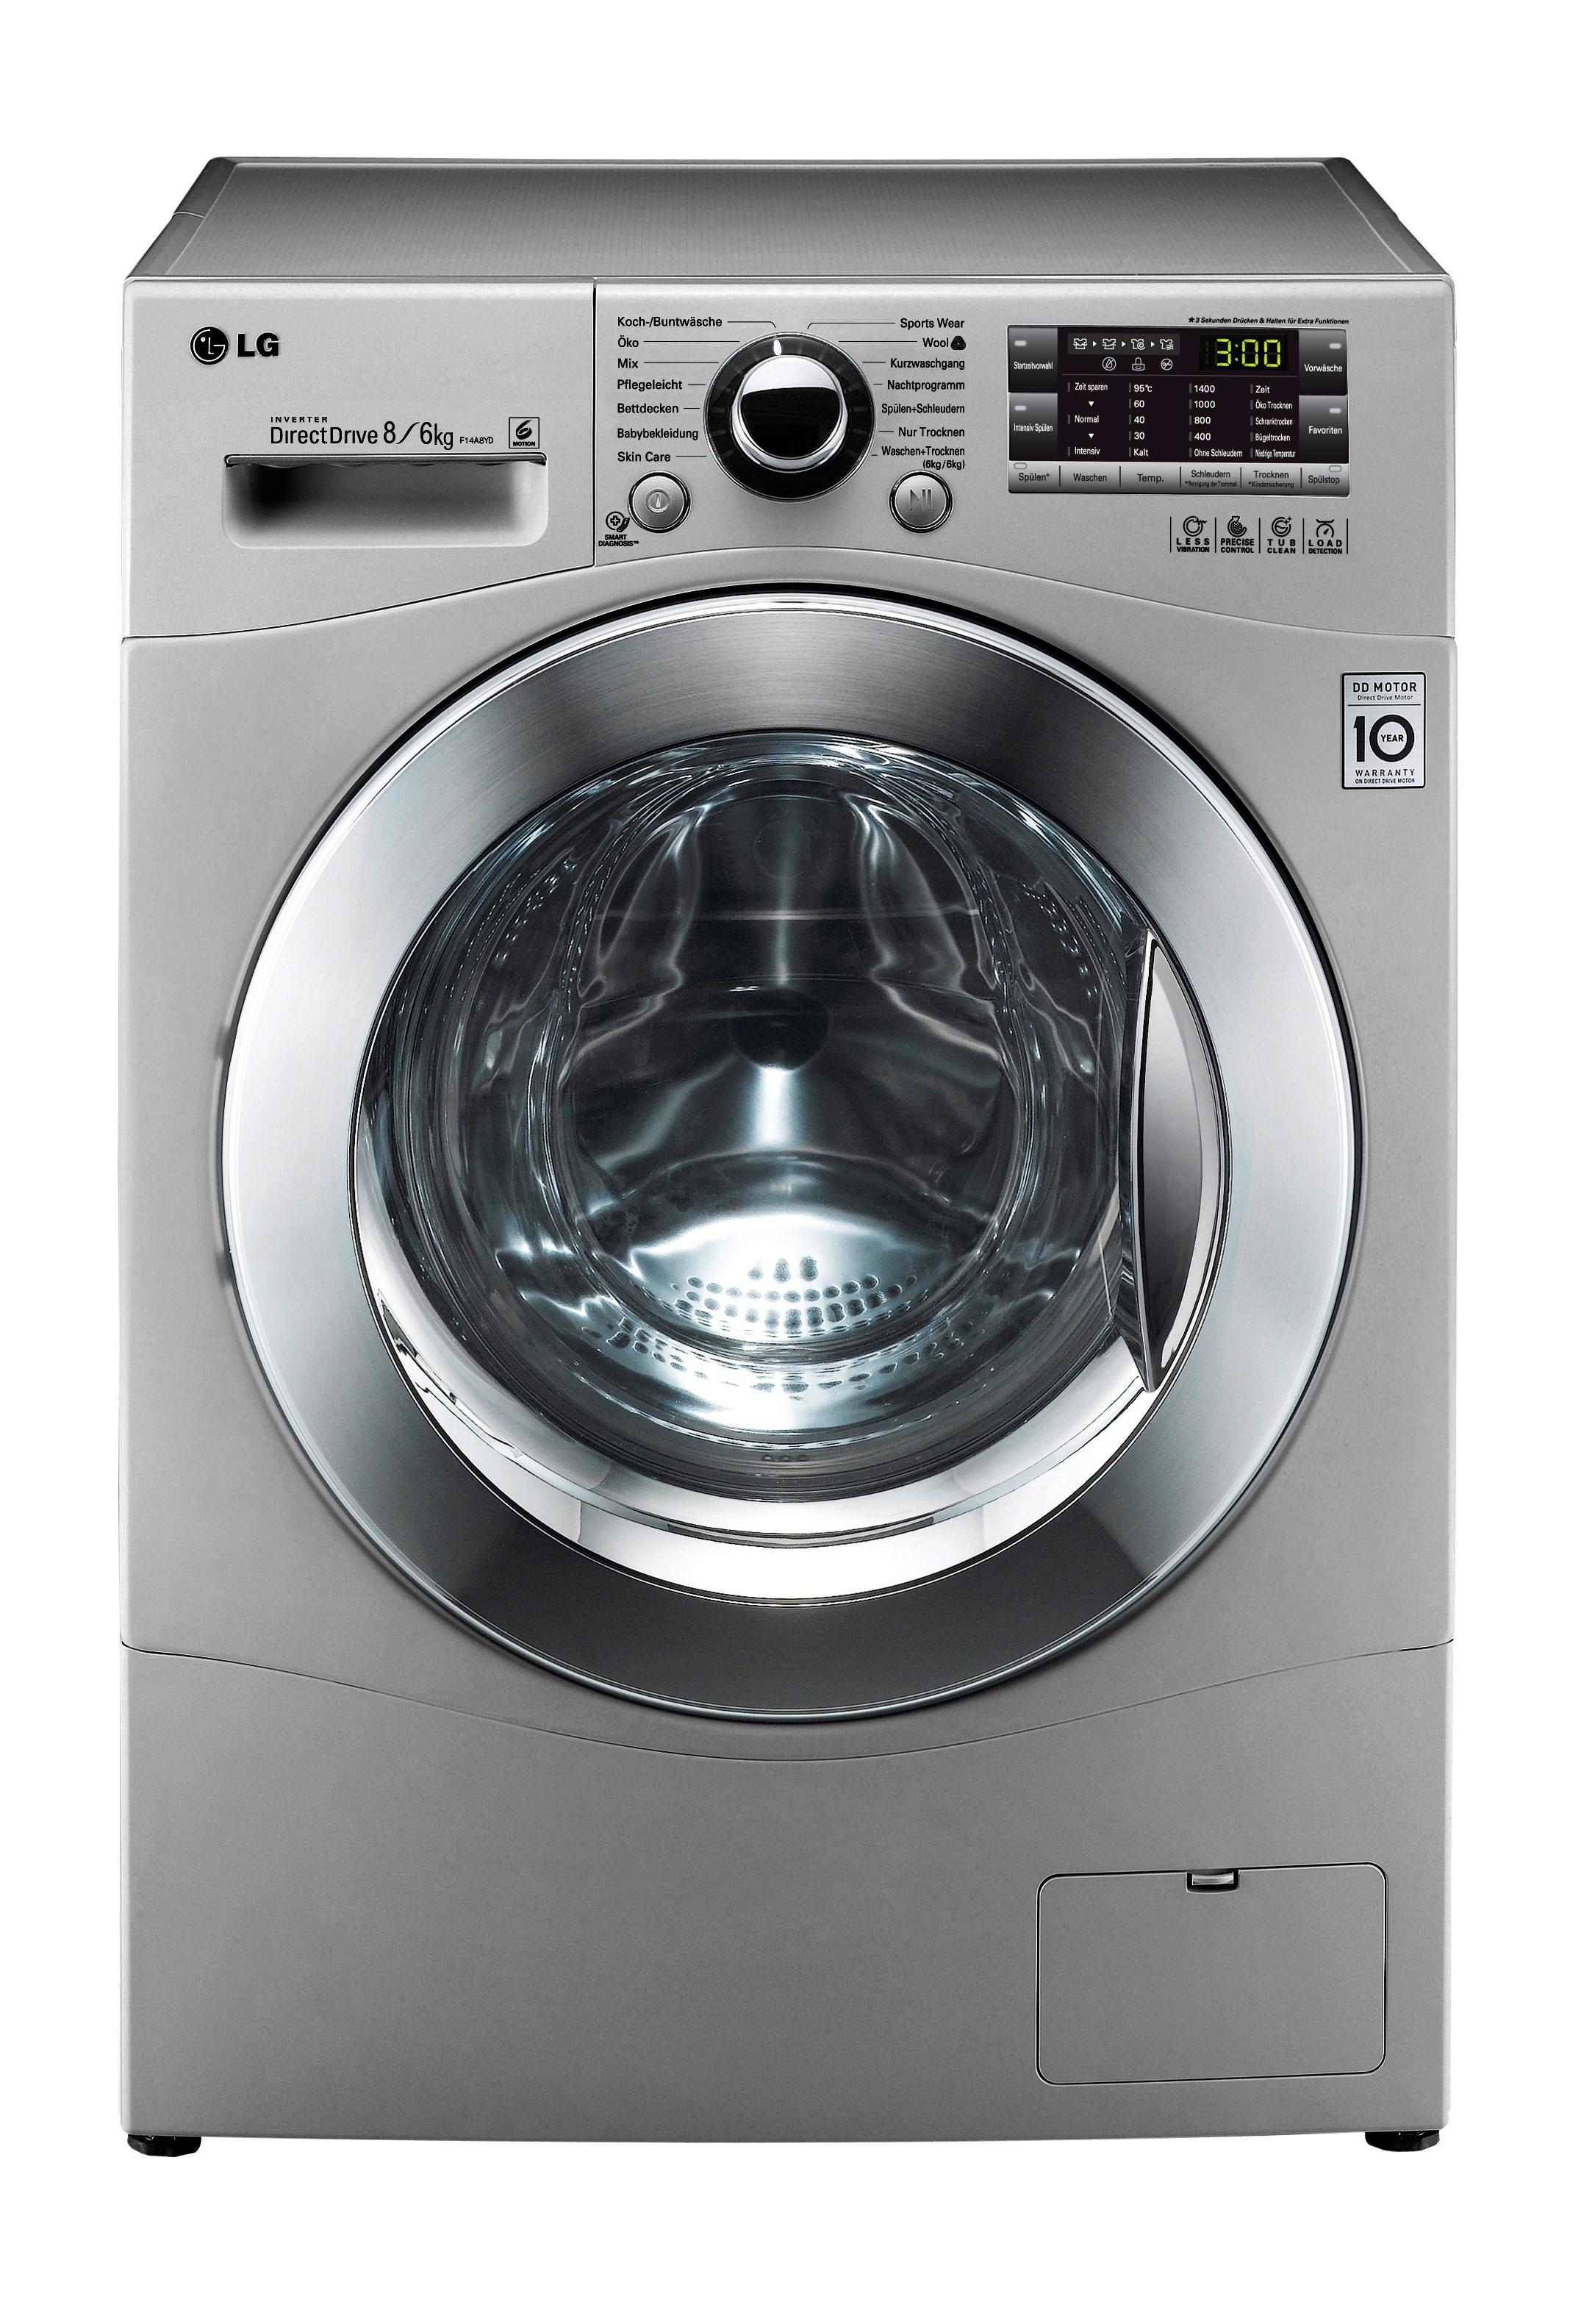 effizient sanft zur kleidung neue waschtrockner mit eco hybrid system und 6 motion direct. Black Bedroom Furniture Sets. Home Design Ideas